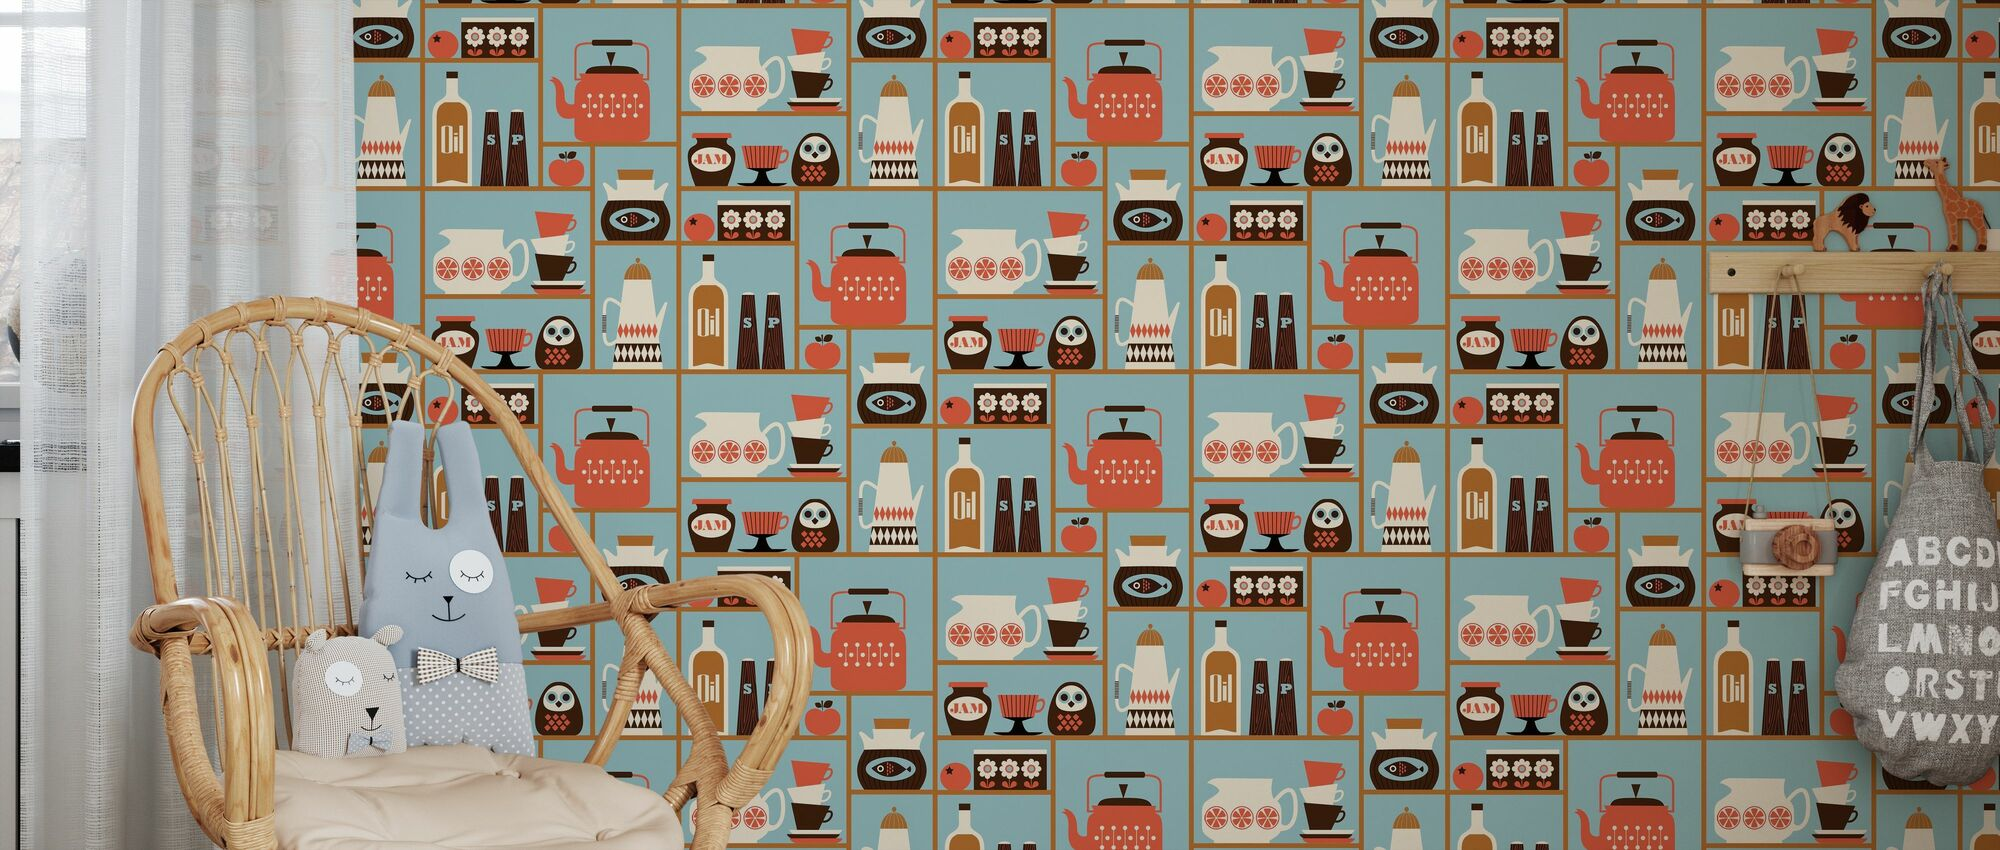 Kitchen Shelves - Light Blue - Wallpaper - Kids Room